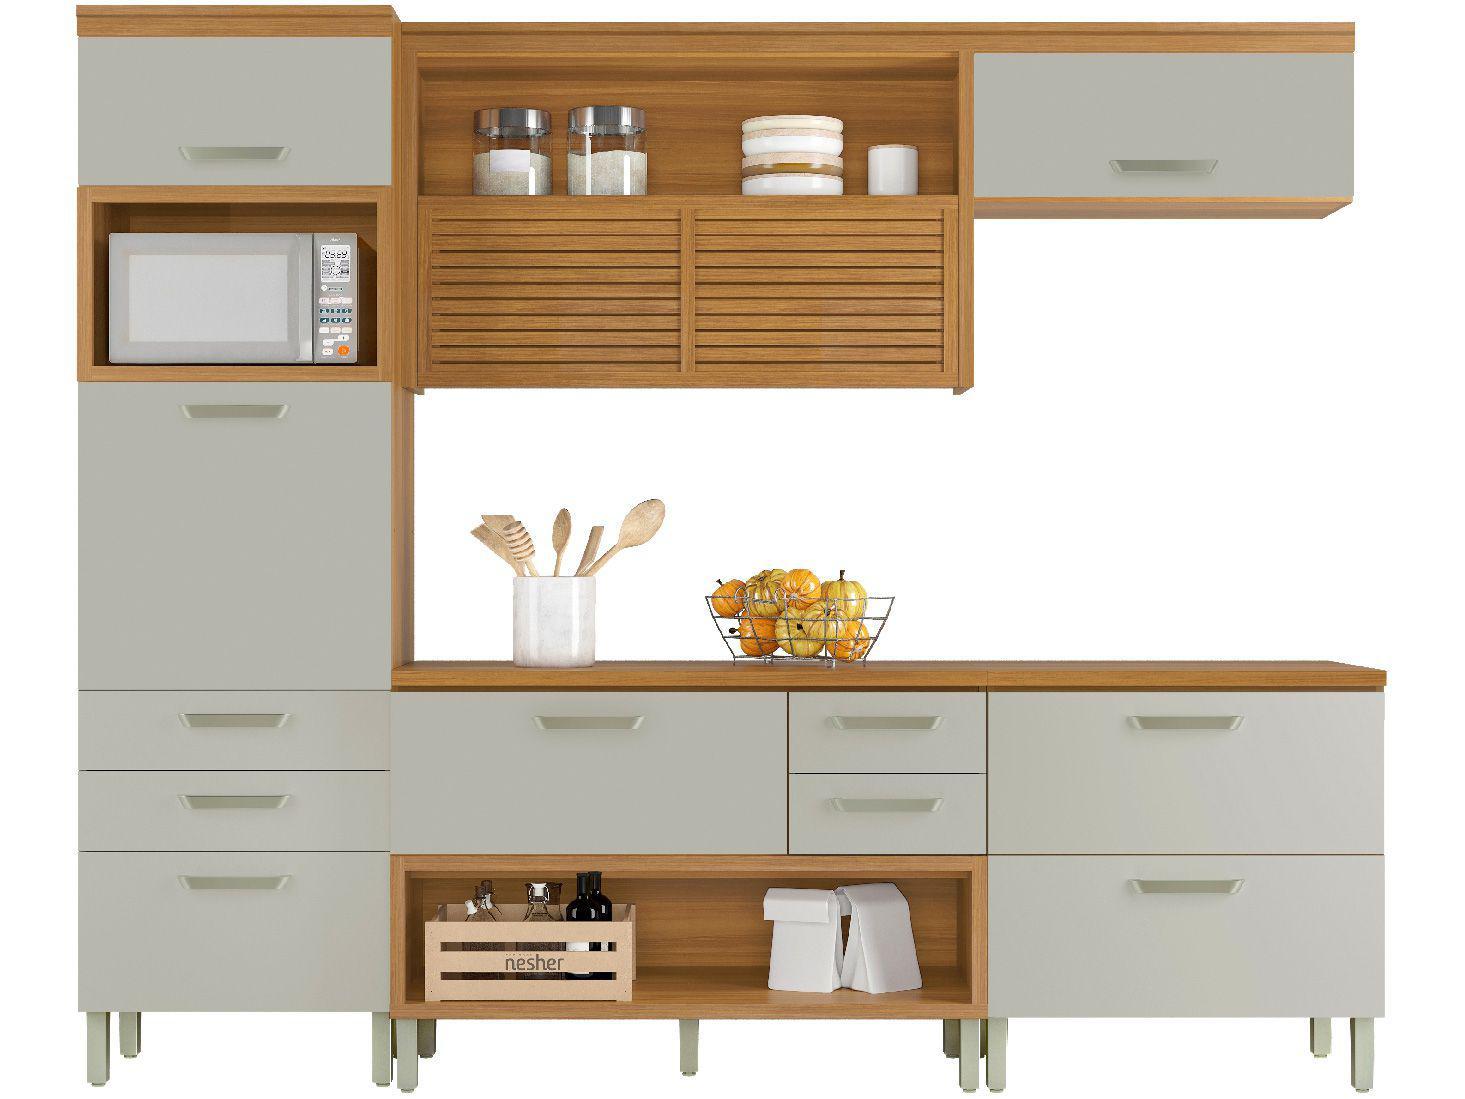 Cozinha Completa Cozinhas Nesher Princesa - com Balcão Nicho para Micro-ondas 6 Portas